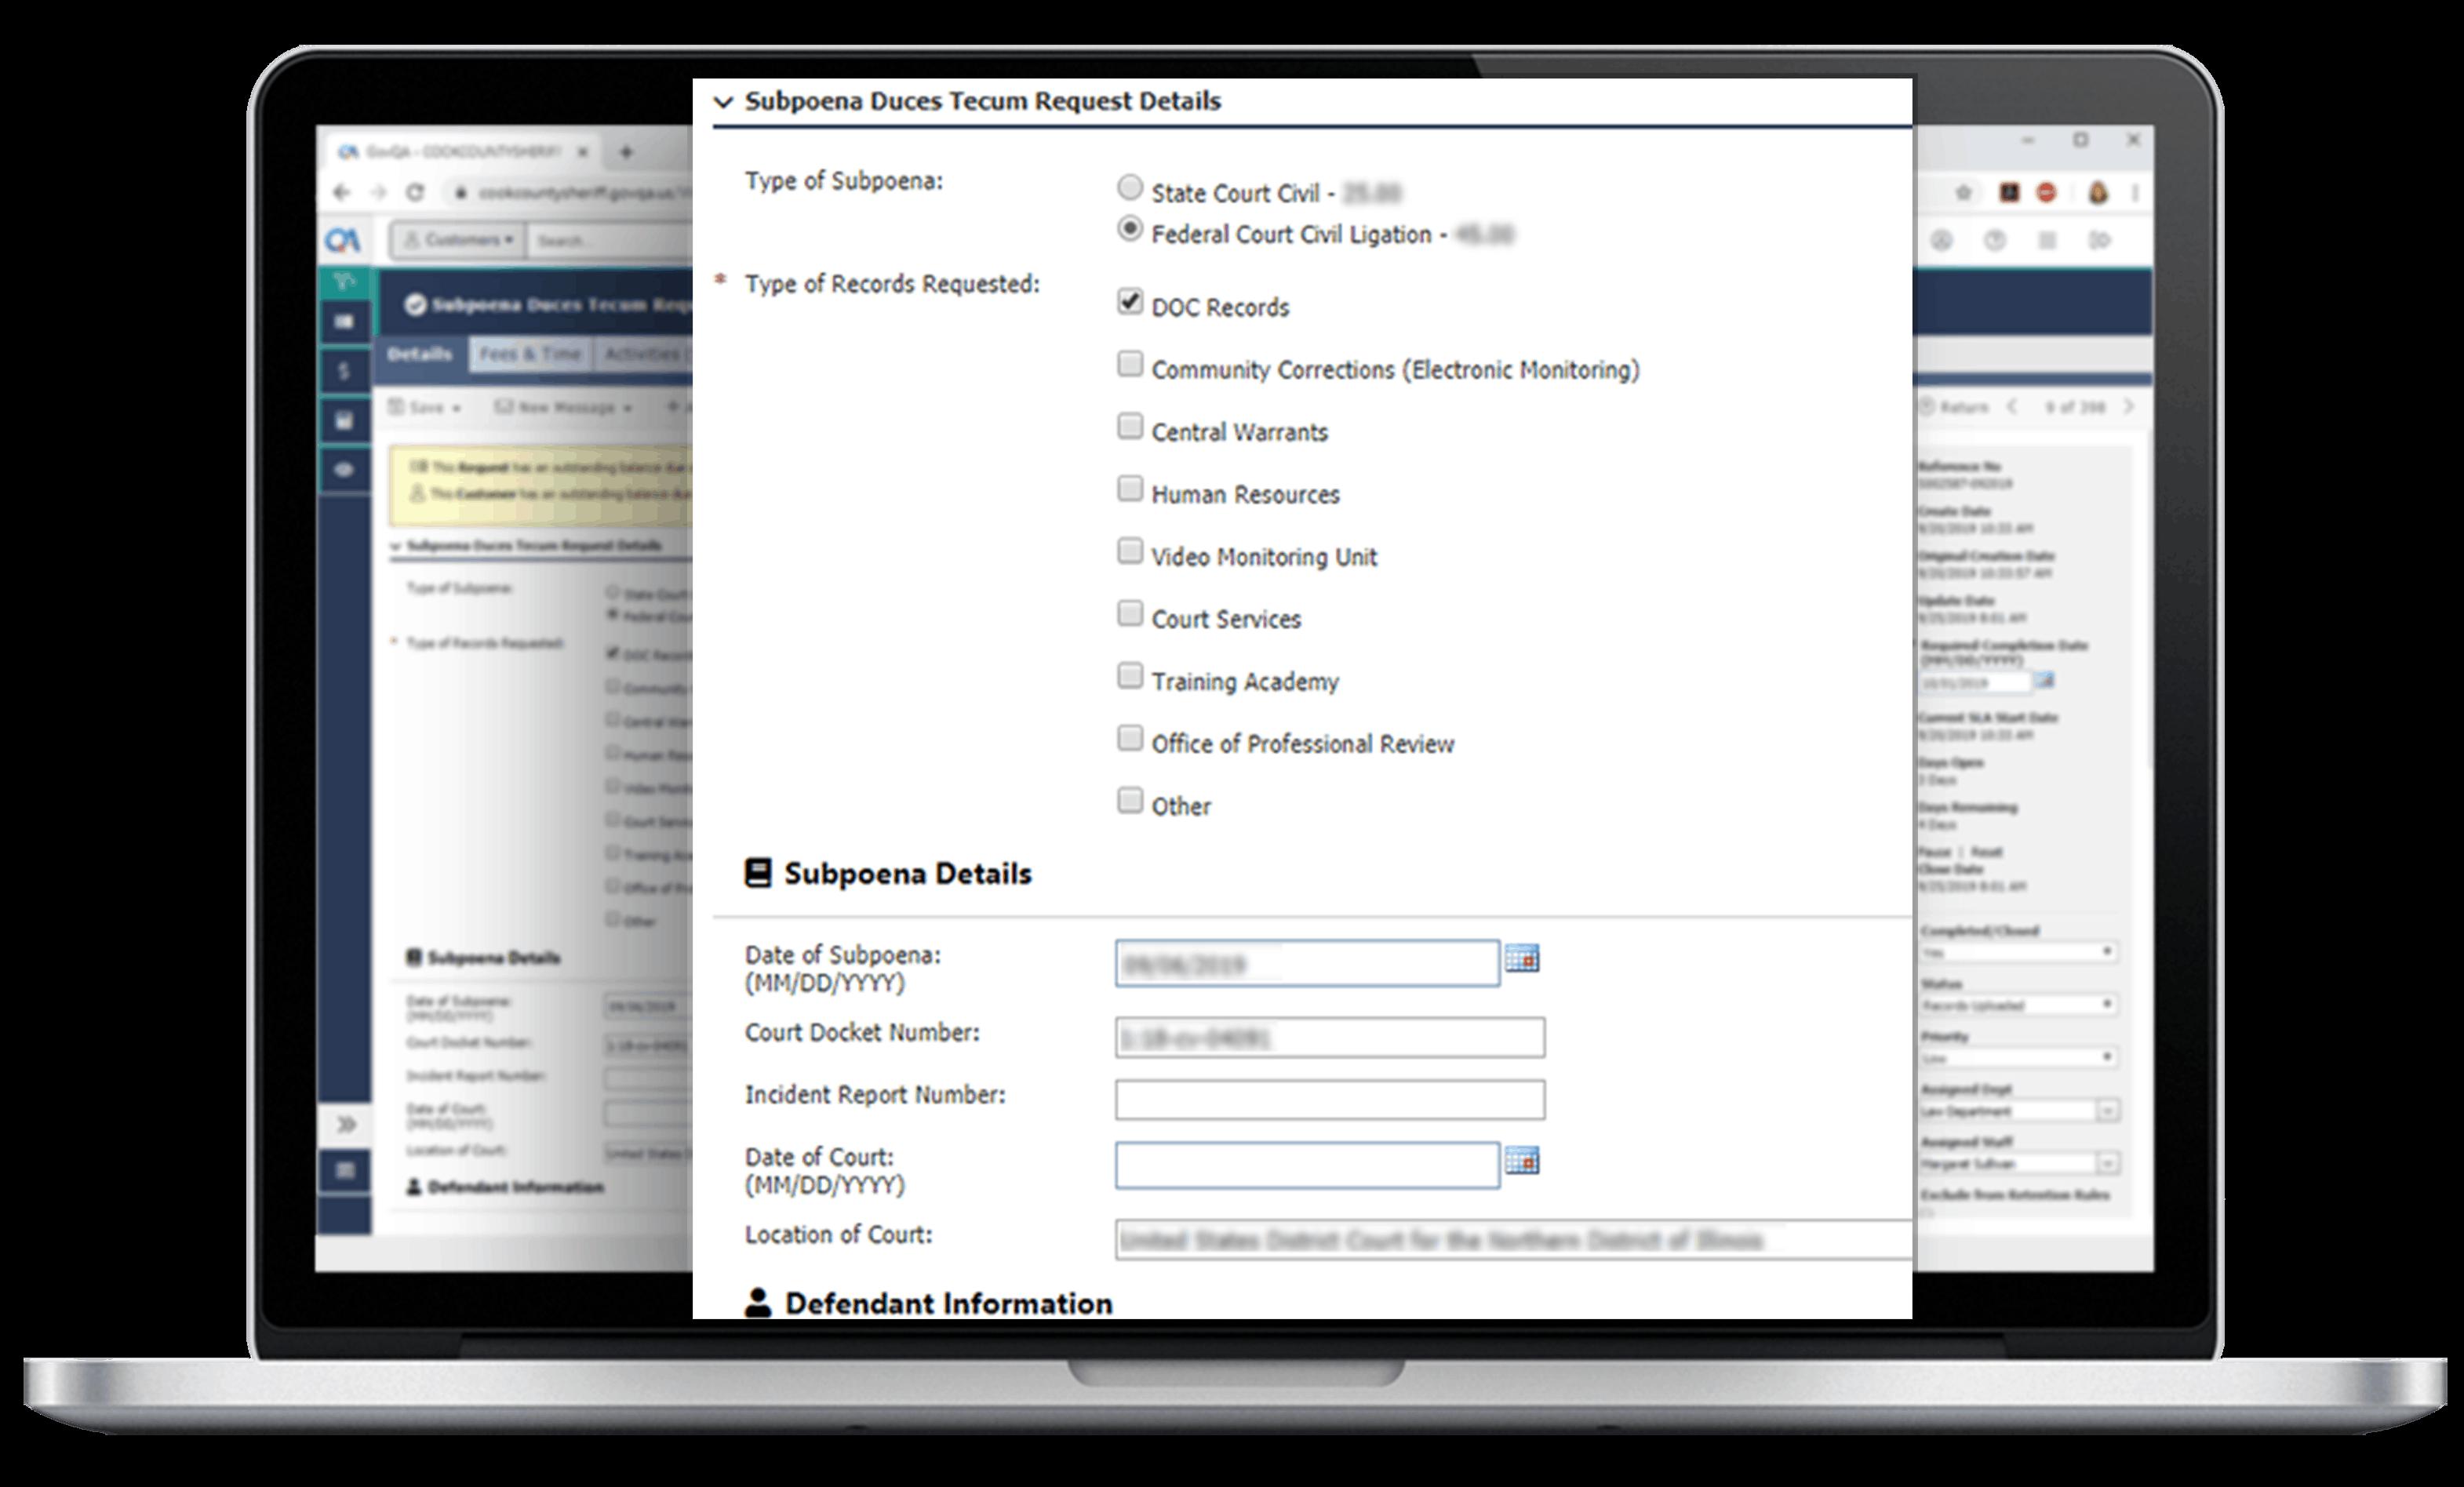 macbook pro submit subpoena on govqa subpoena request management